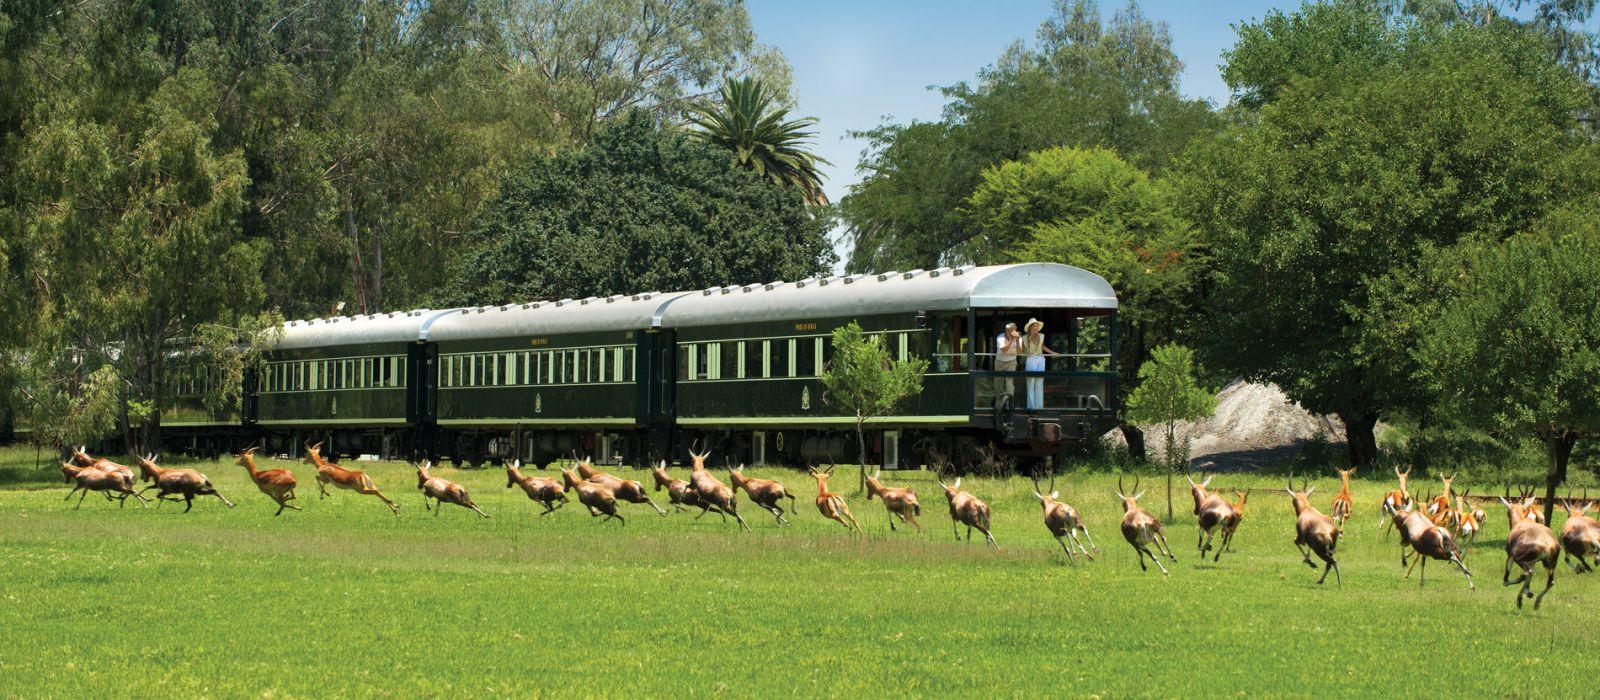 Hotel Rovos Rail:Pretoria-Cape Town South Africa